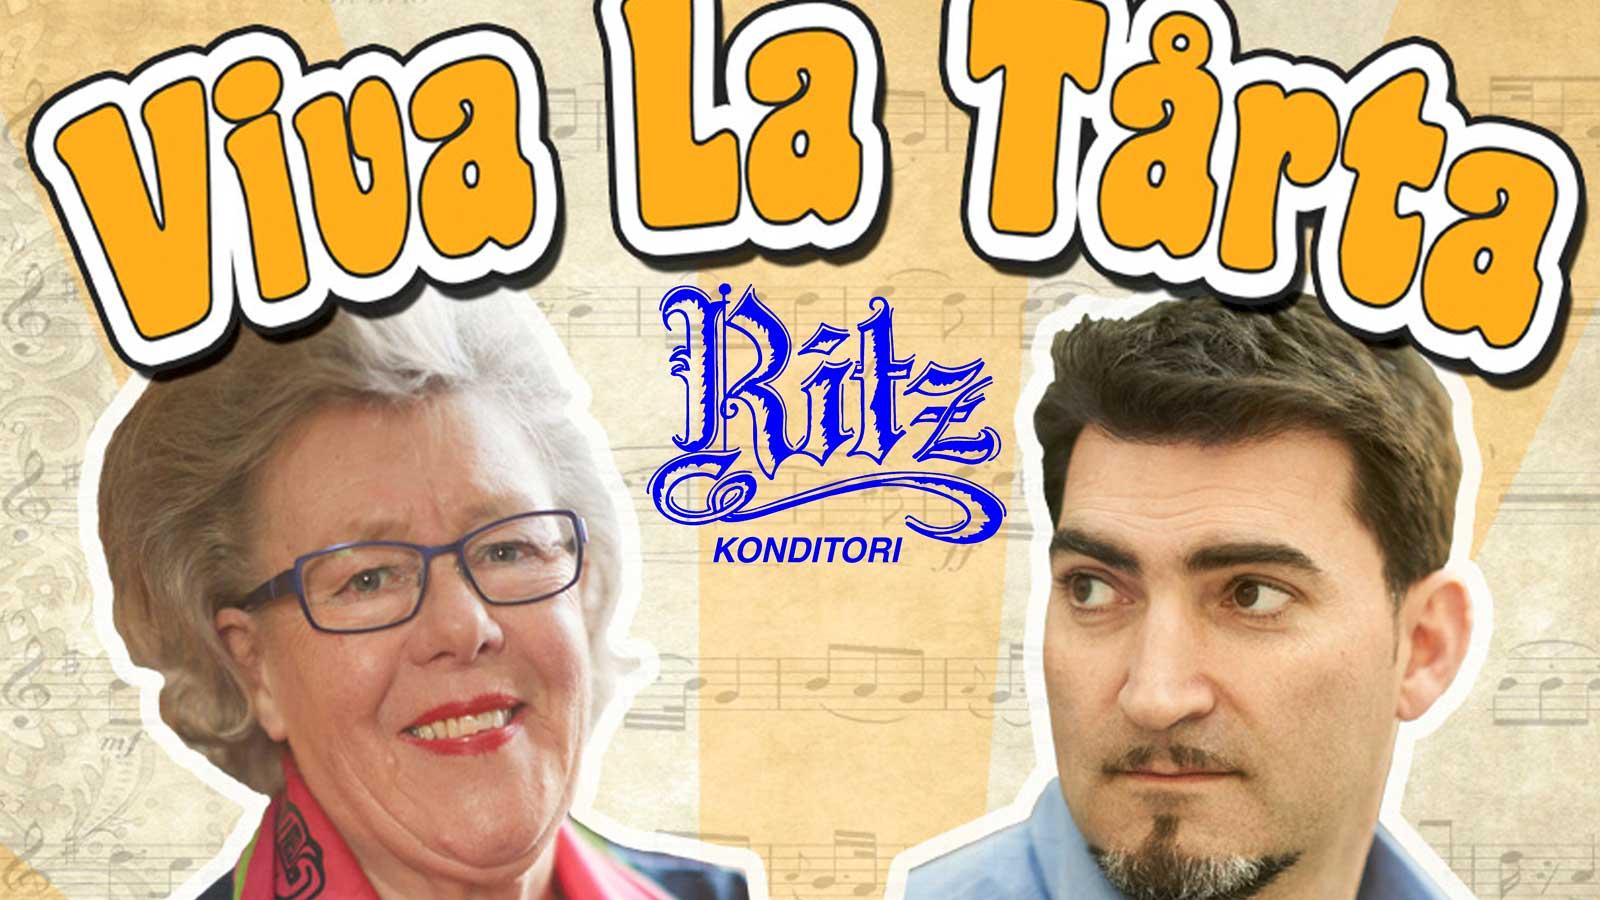 Viva La Tårta - Konsert med dopp